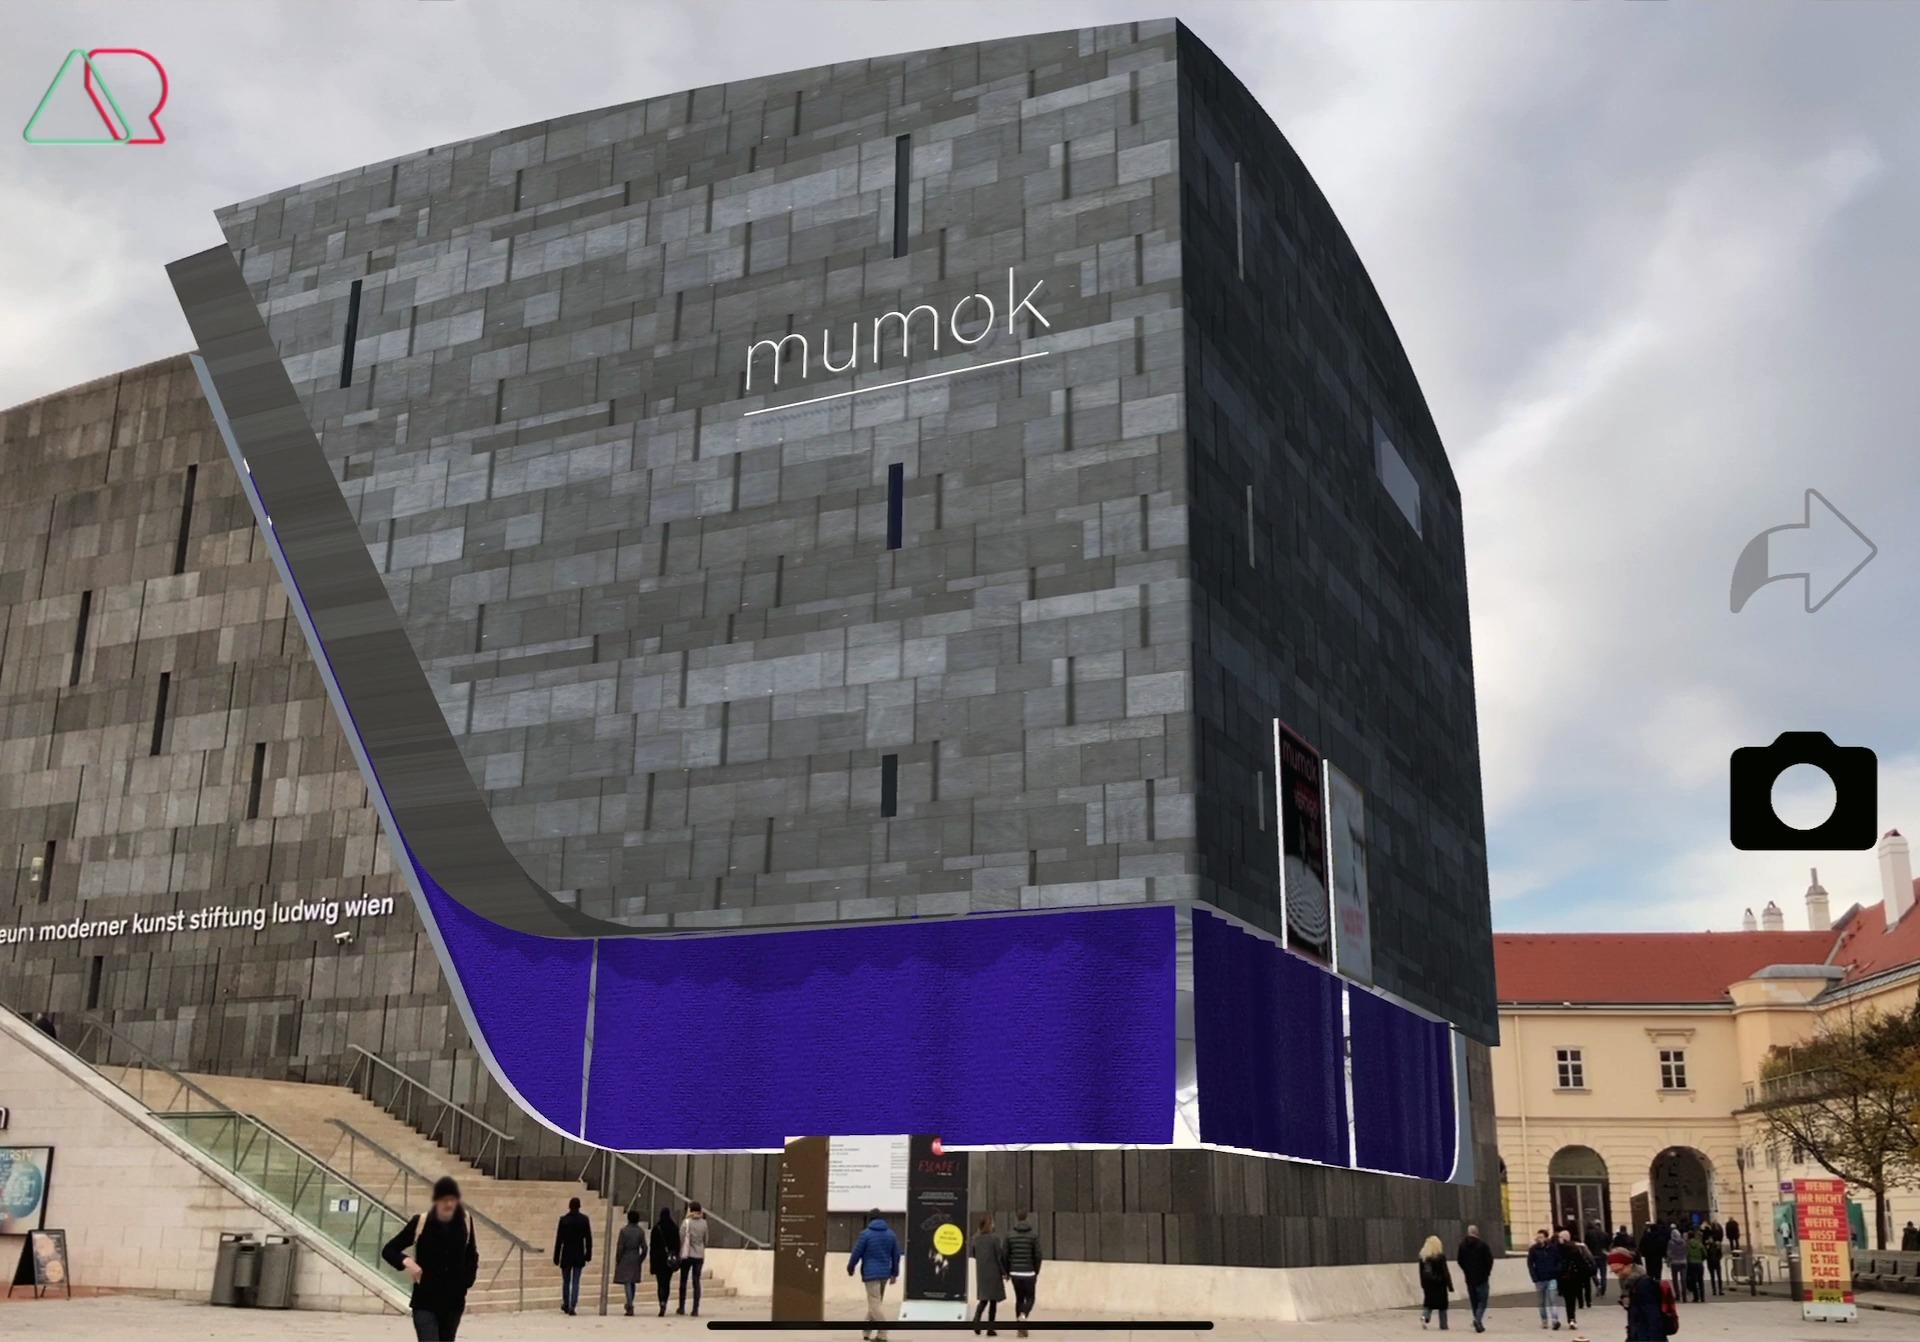 mumokAR Tracking main building with AR tech